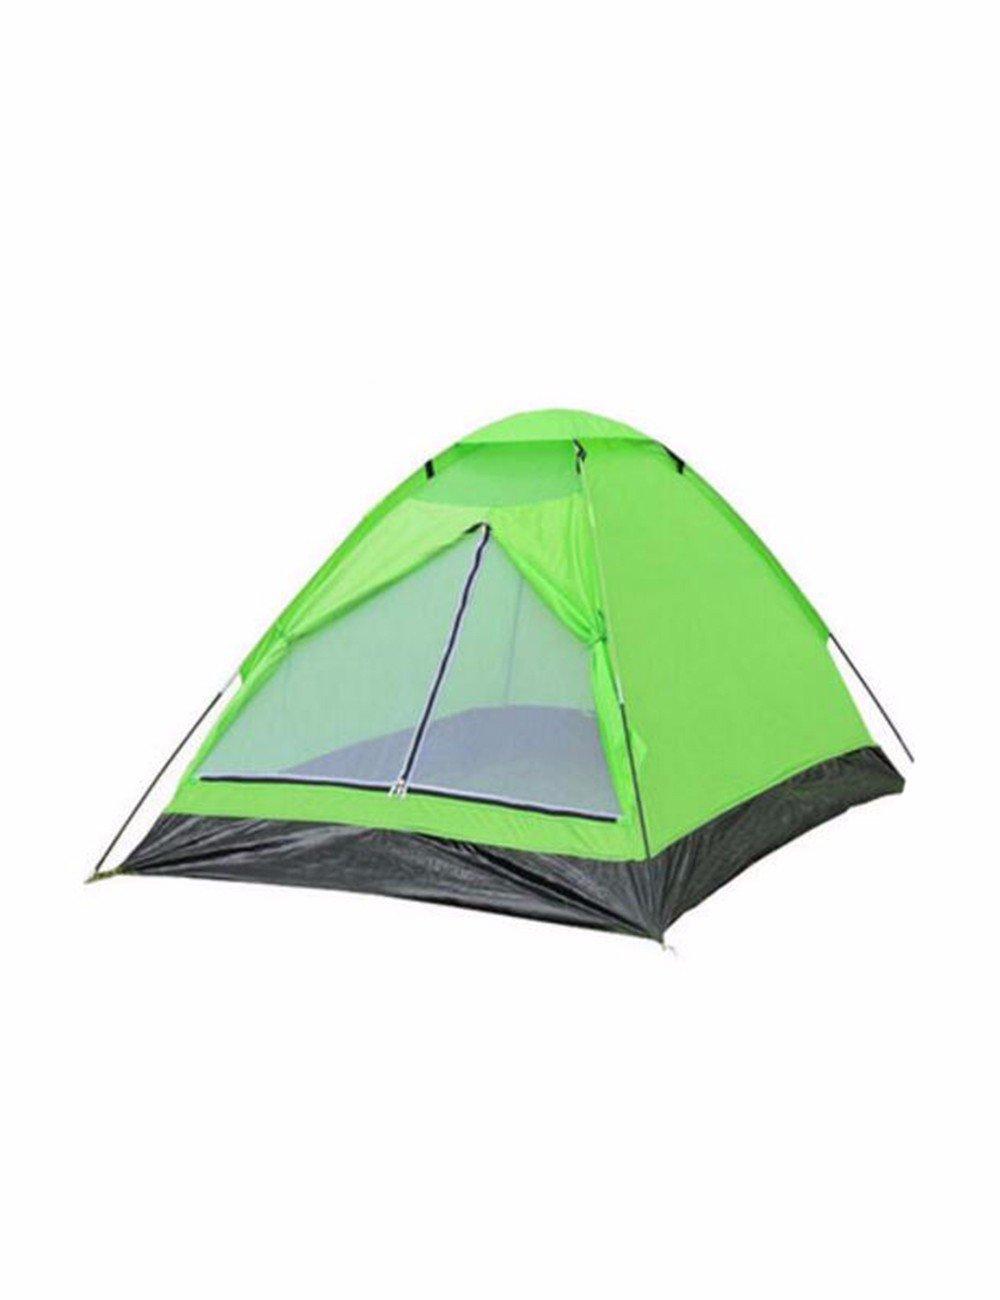 SJQKA-Outdoor Zelt, eine Generation von Outdoor Zelt, touristische Relief Zelte